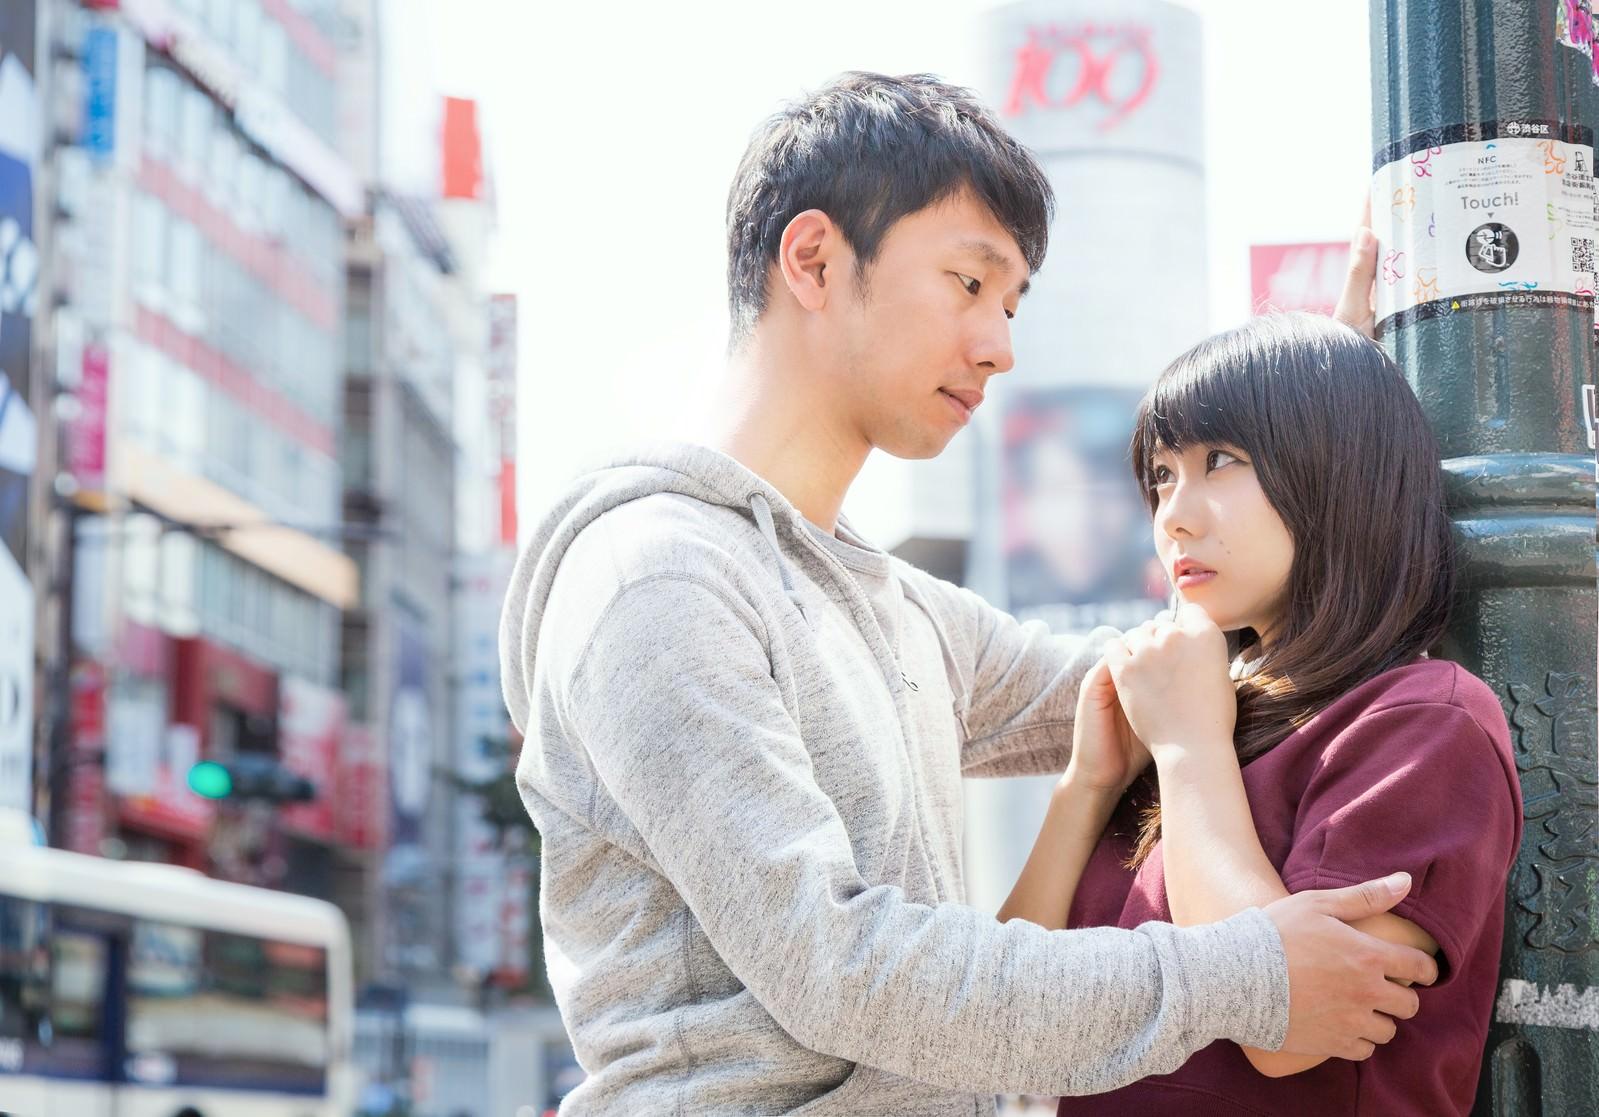 「「キミとボクの交差点。恋はスクランブルさ」とドヤる渋谷系」の写真[モデル:大川竜弥 Lala]